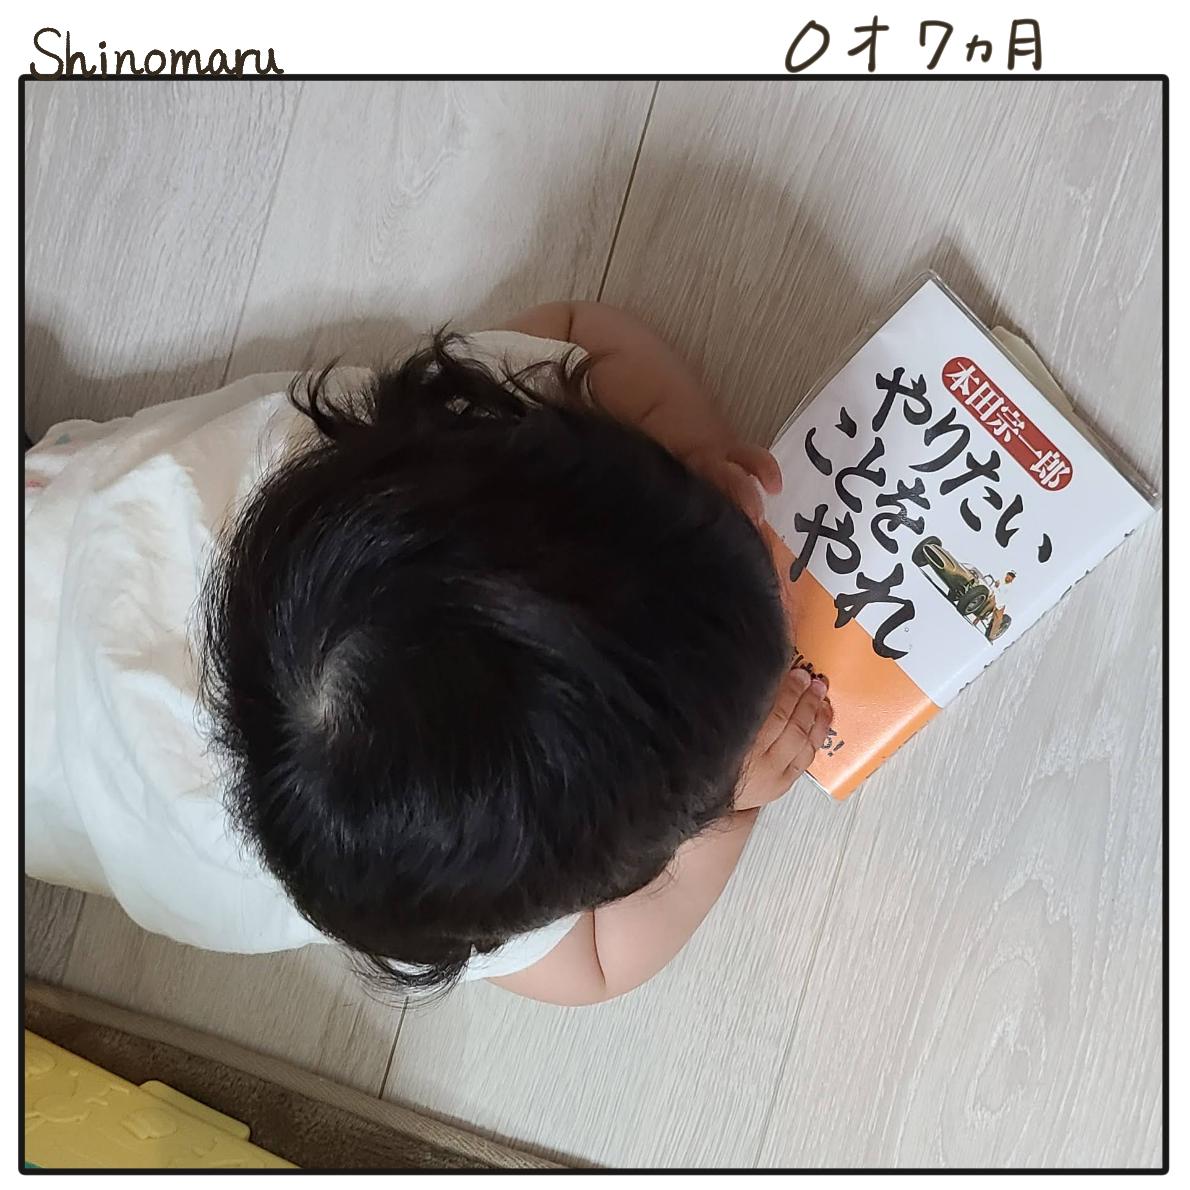 f:id:Shinomaru:20210608221751p:plain